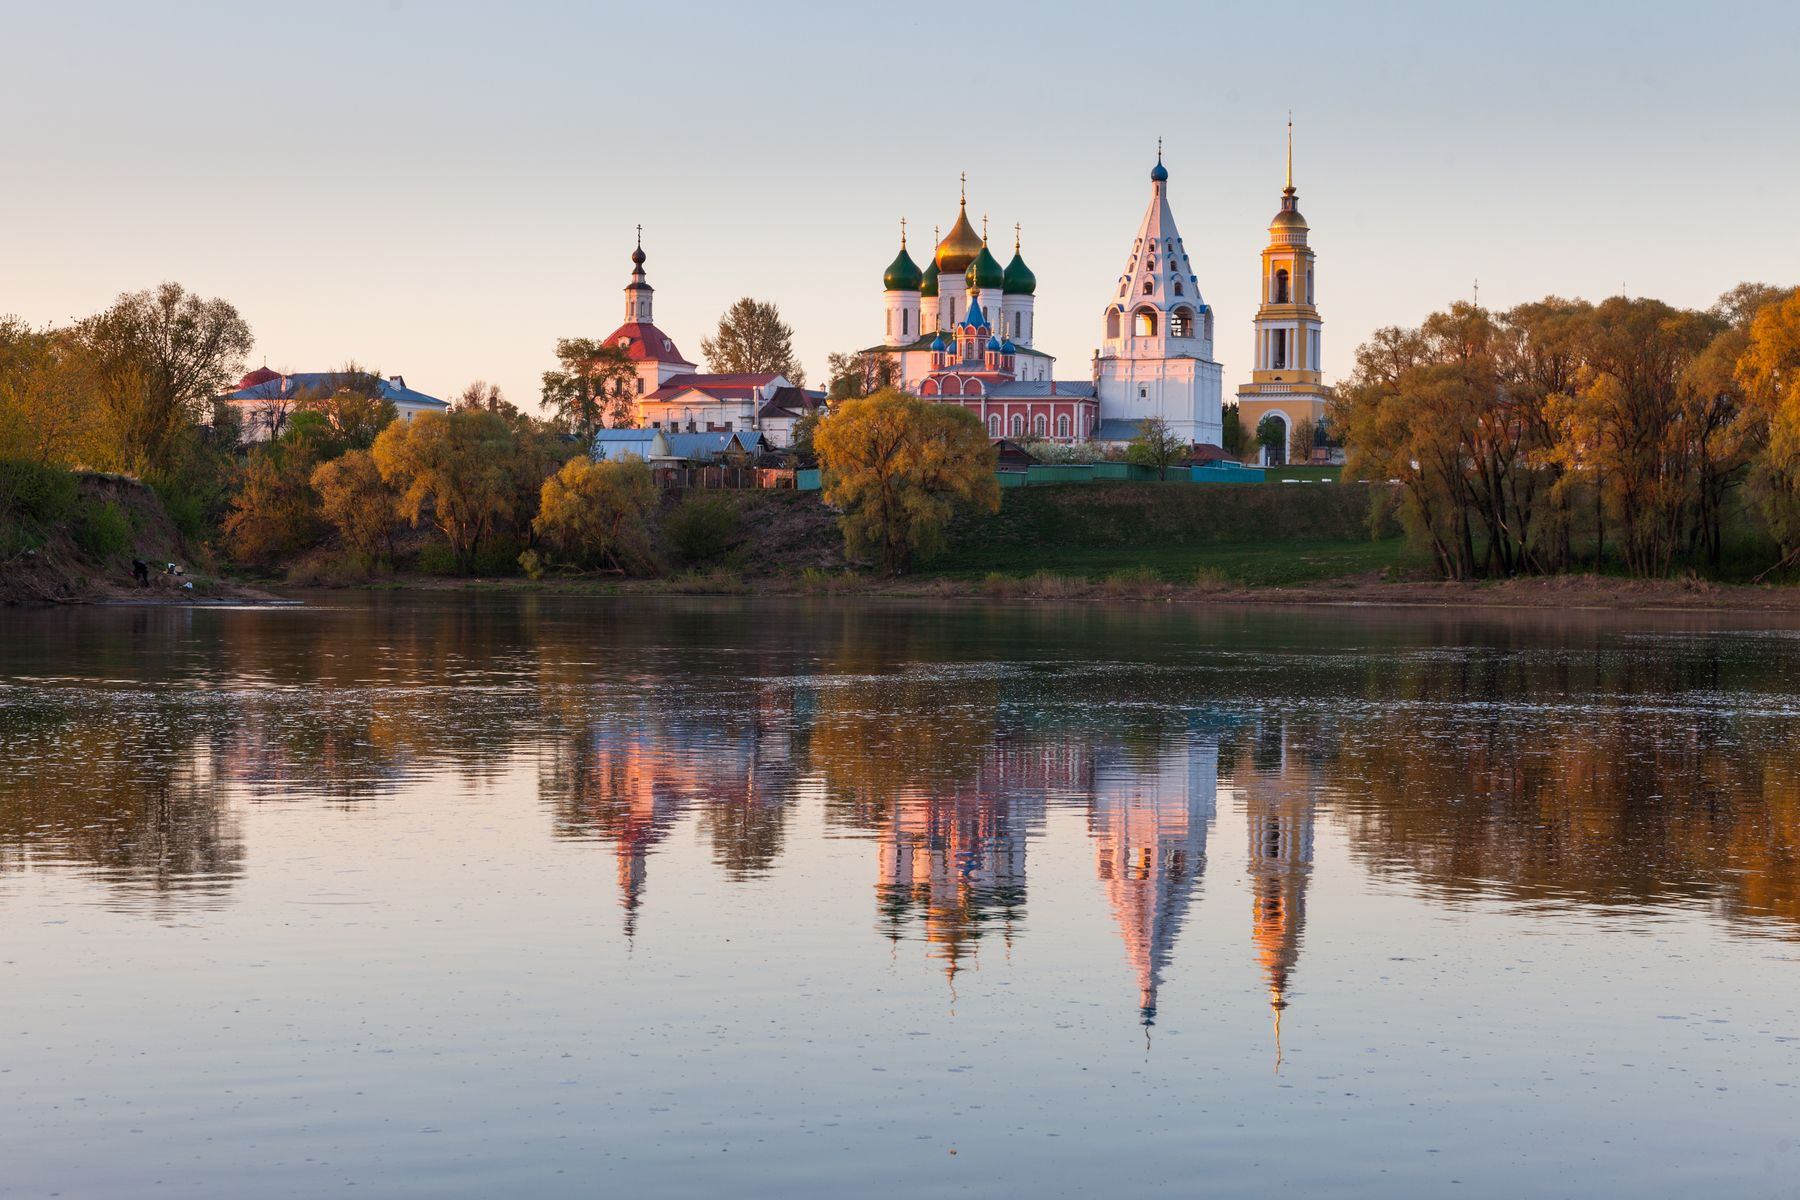 Самые интересные достопримечательности Коломны: каменный коломенский кремль